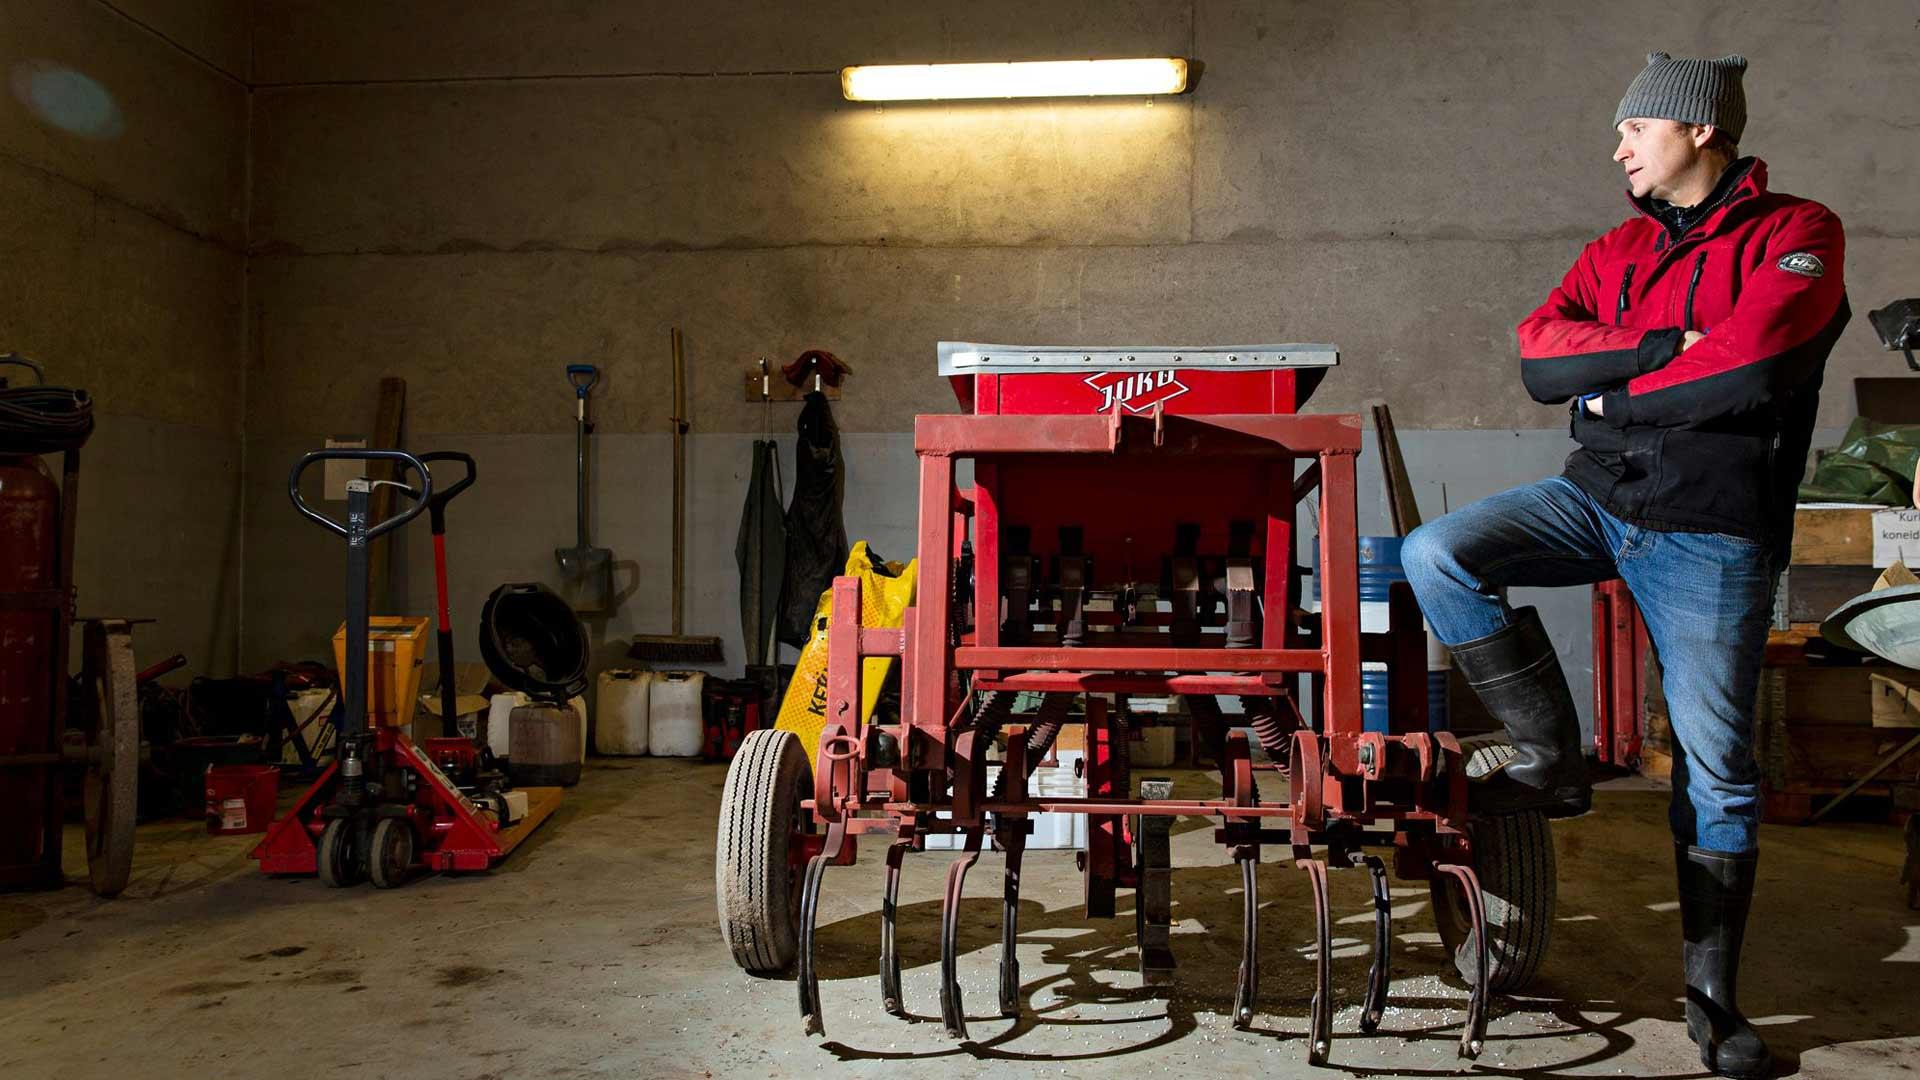 Kallelan tilalla koneet ovat valmiina kevään ja kesän koitoksiin. Lauri Niittysen vieressä on lannoituskone.